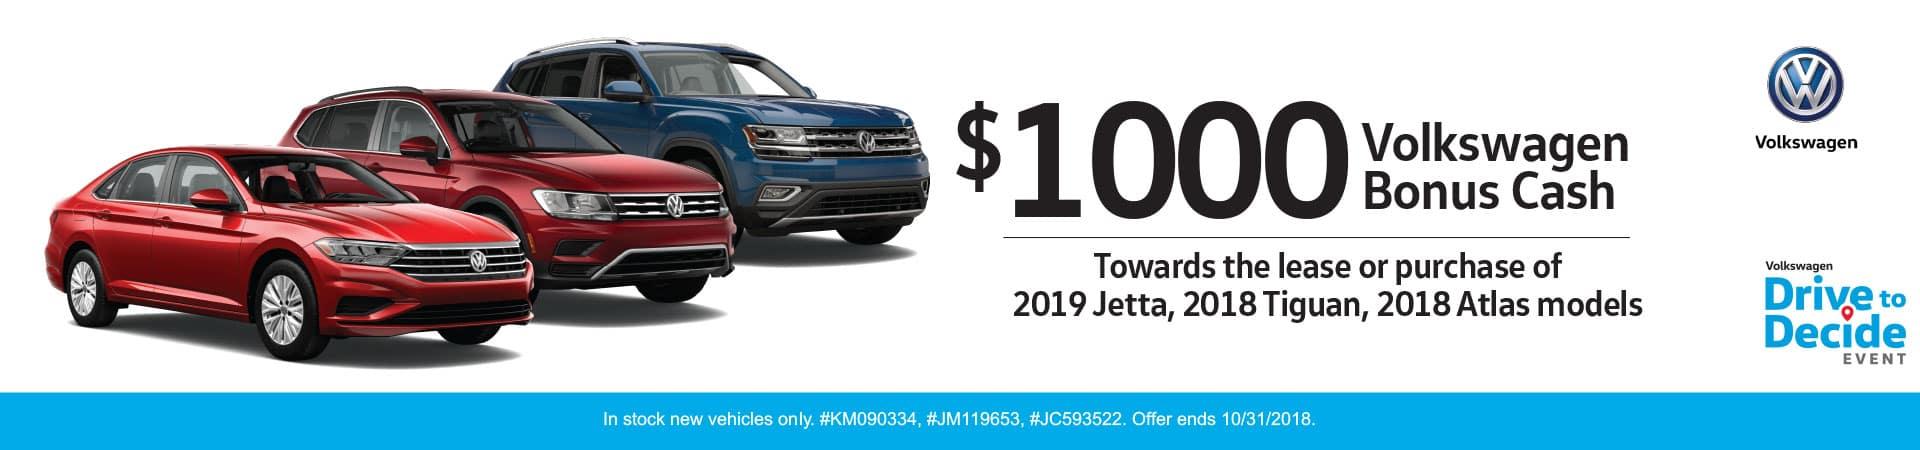 $1000 Volkswagen Bonus Cash